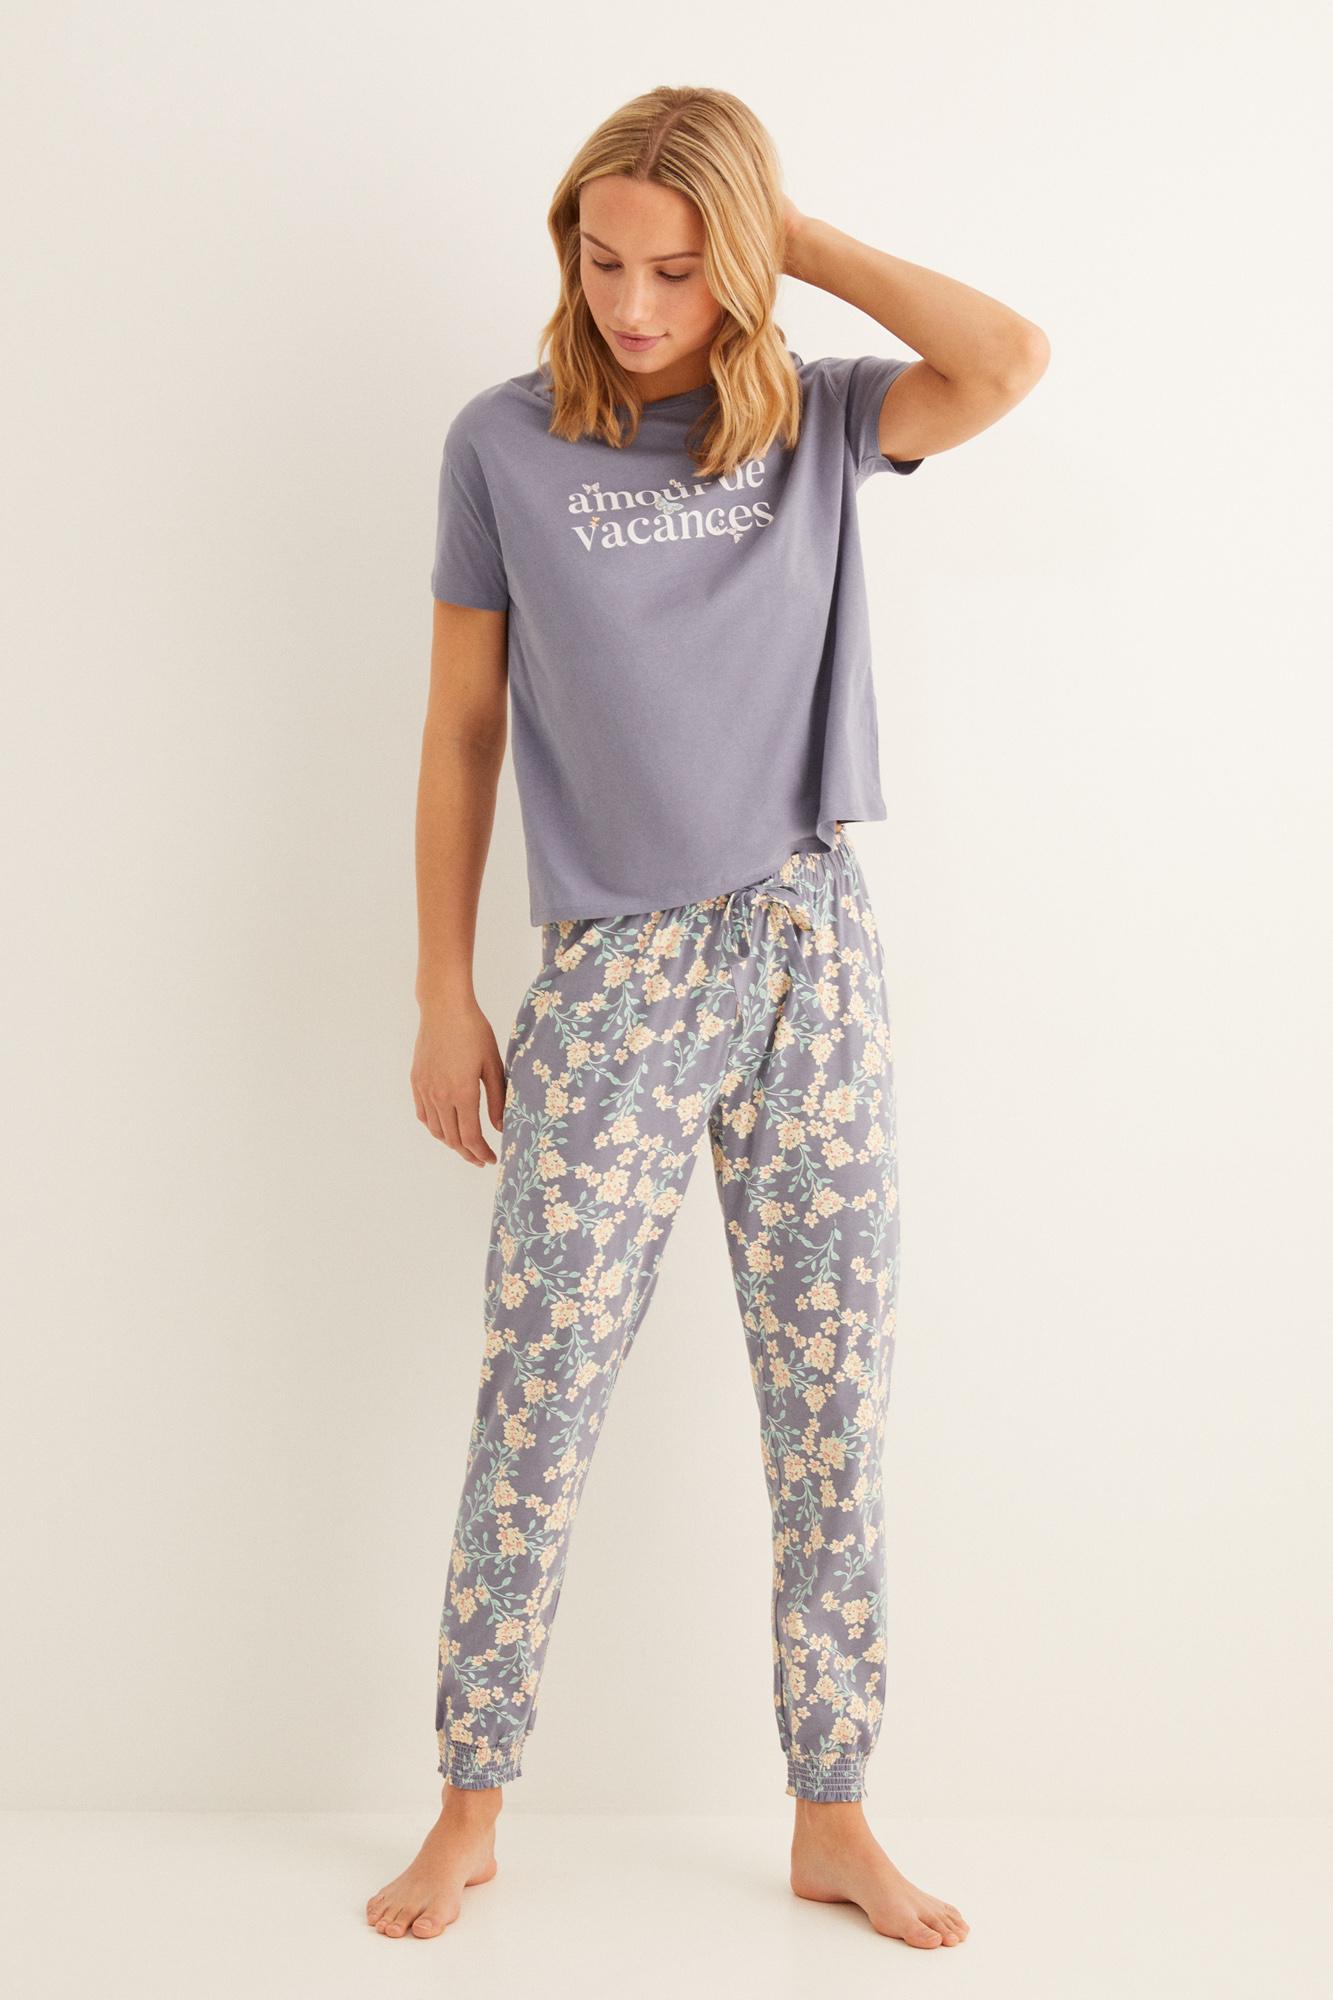 Pijama largo algodón | Pijamas largos | Women'secret